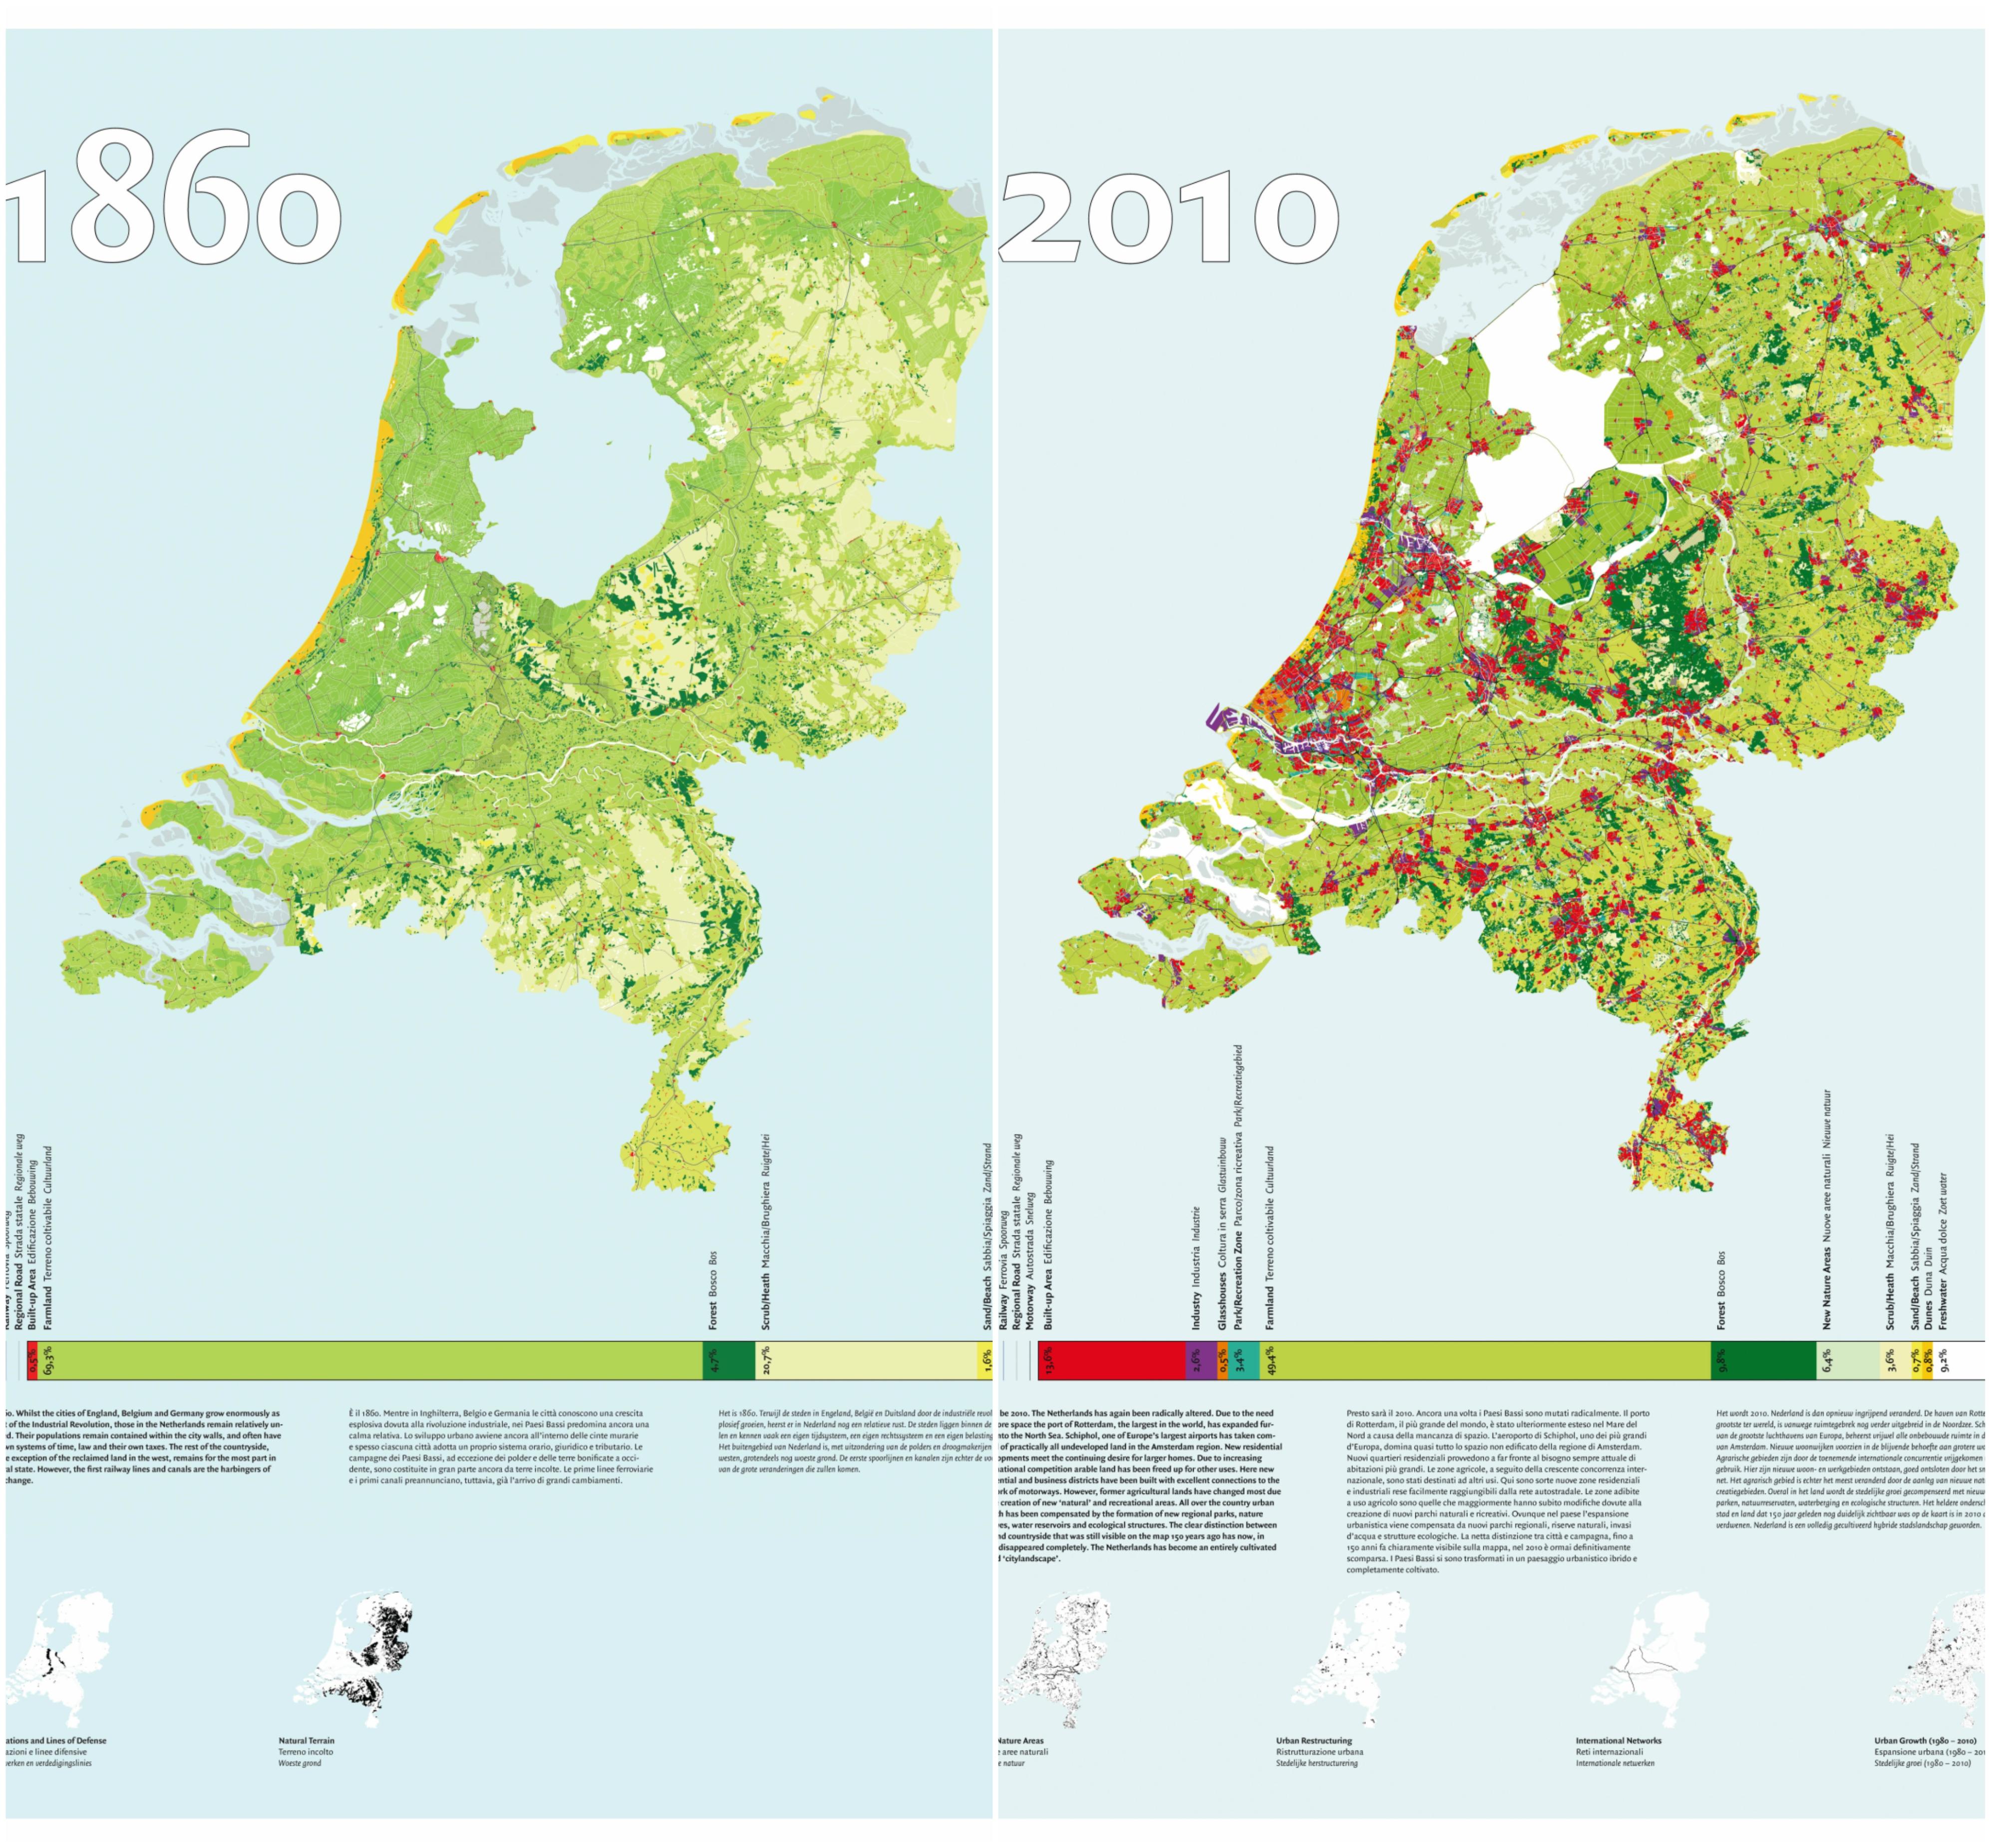 2 kaarten waarop je ziet dat Nederland tussen 1860 en 2010 volledig is veranderd. Deze kaarten komen uit het project Hybrid Landscapes uit 2004